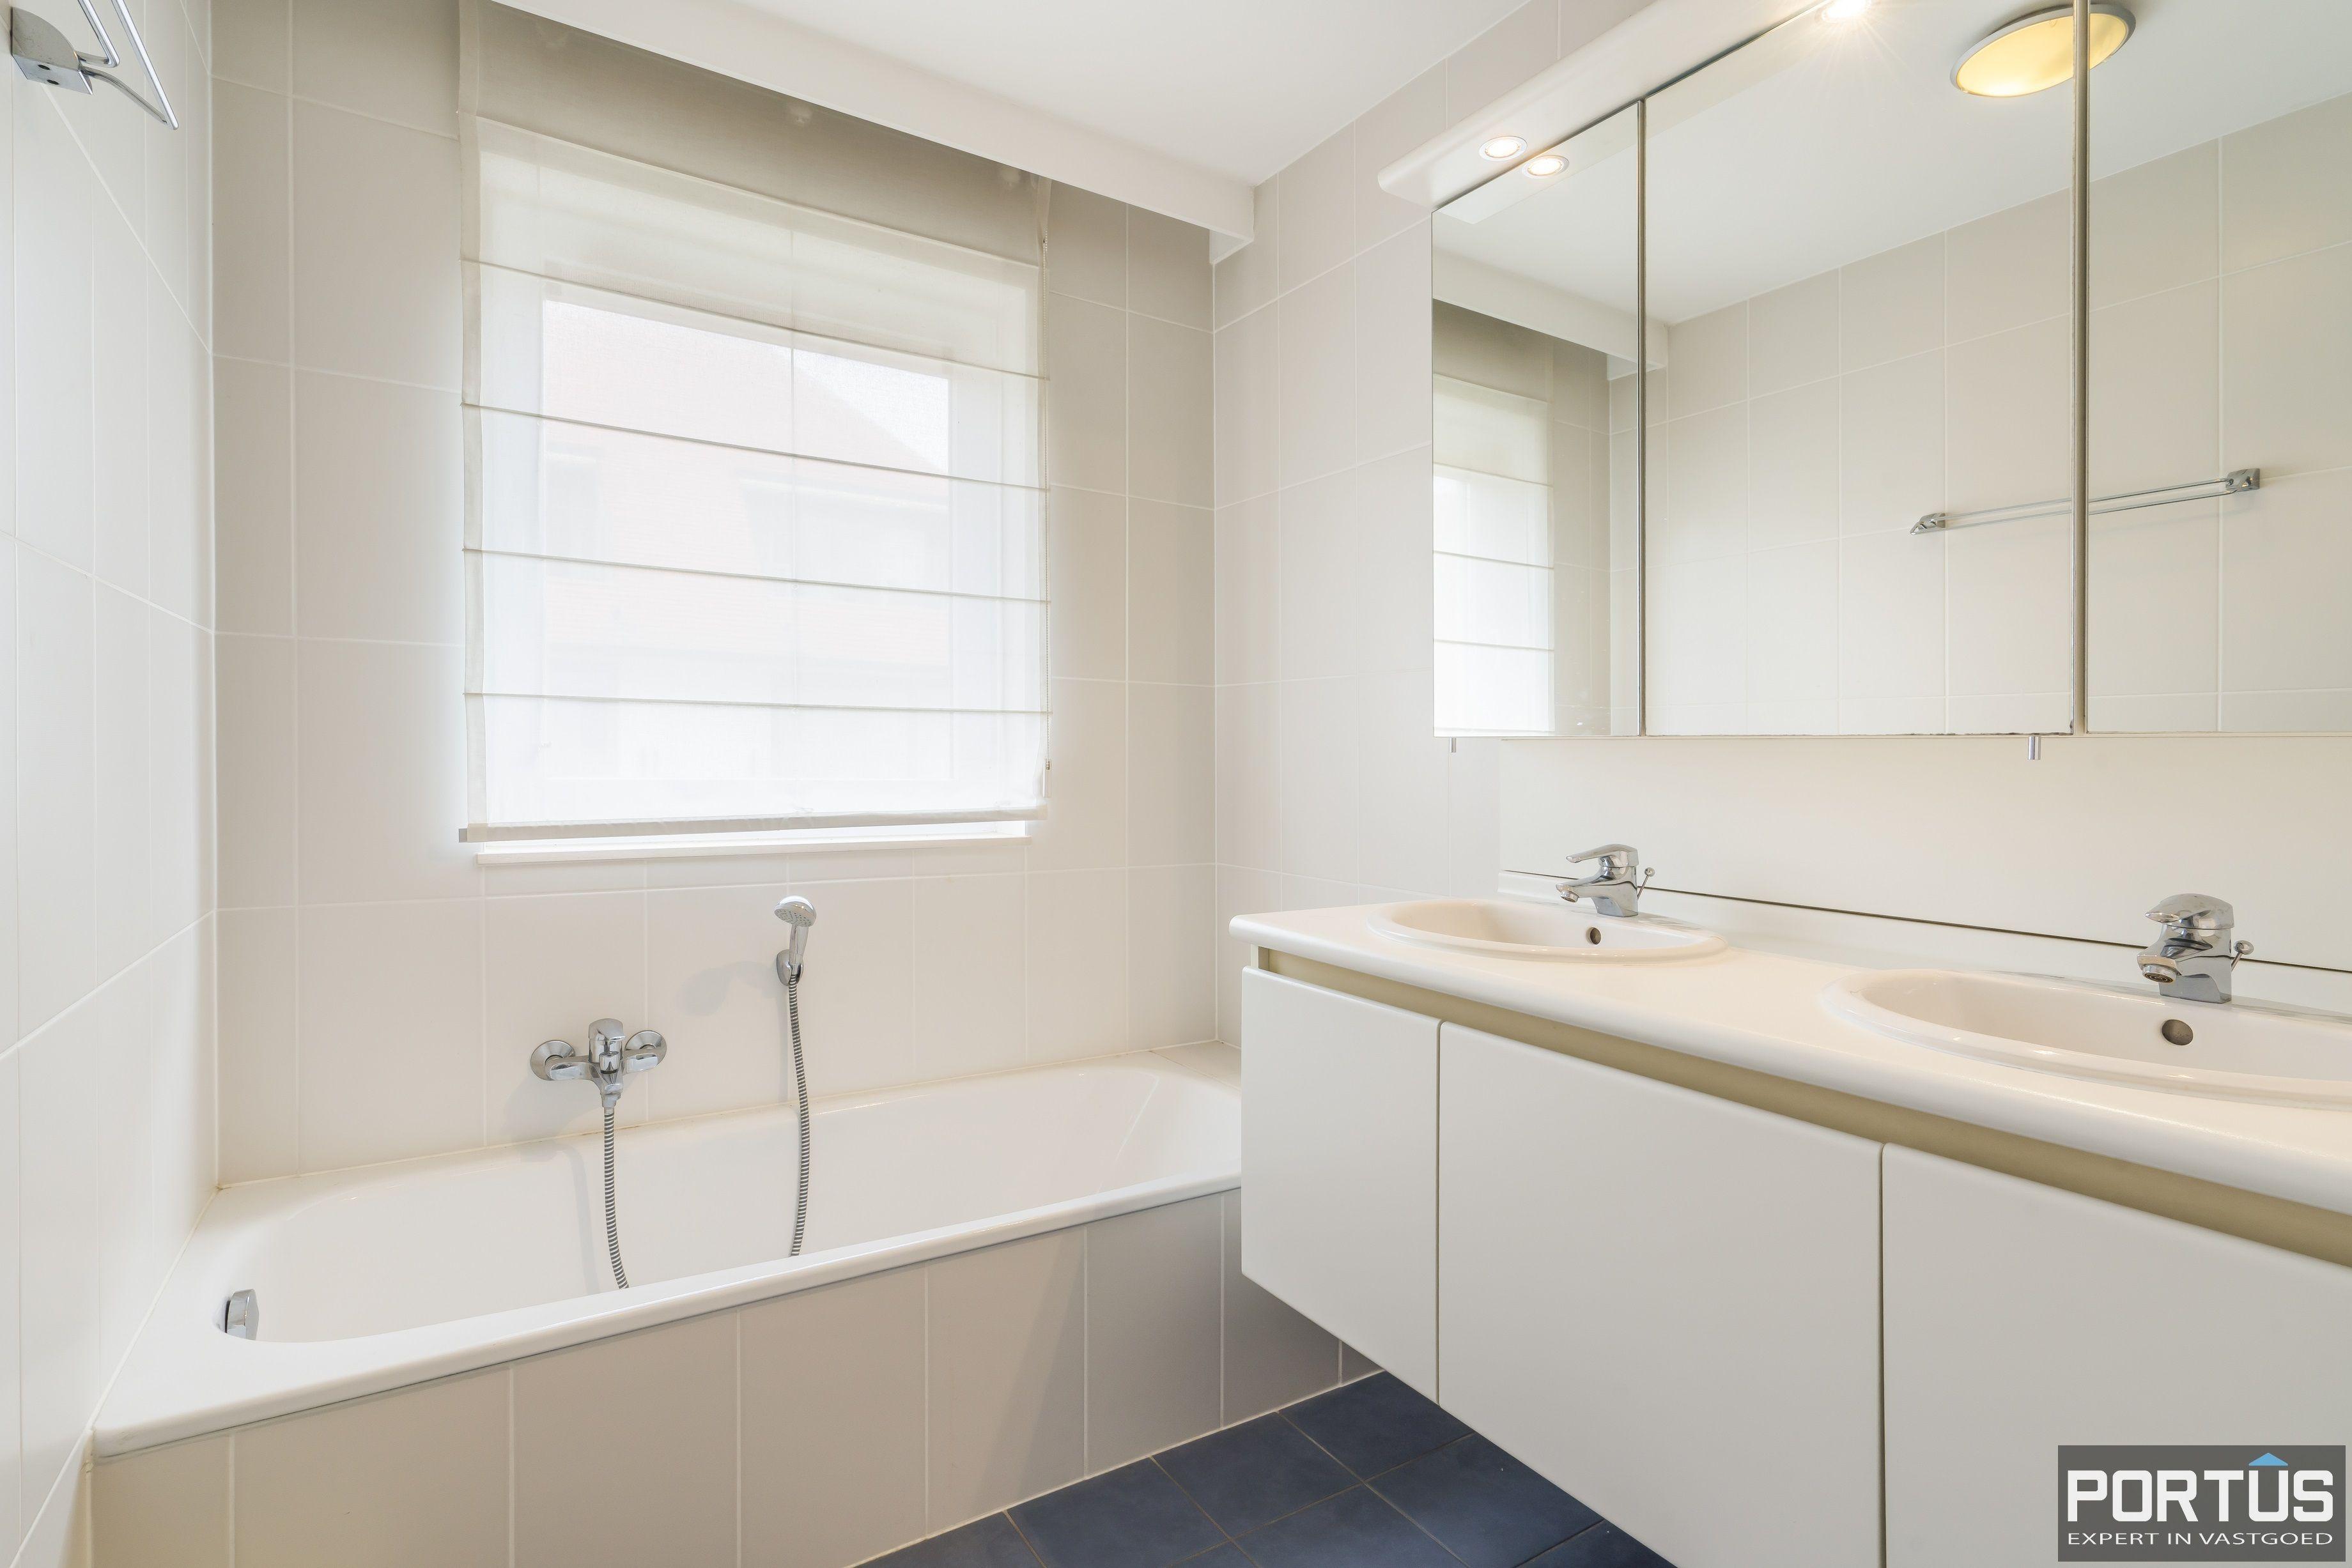 Appartement te koop te Nieuwpoort met 4 slaapkamers - 12981